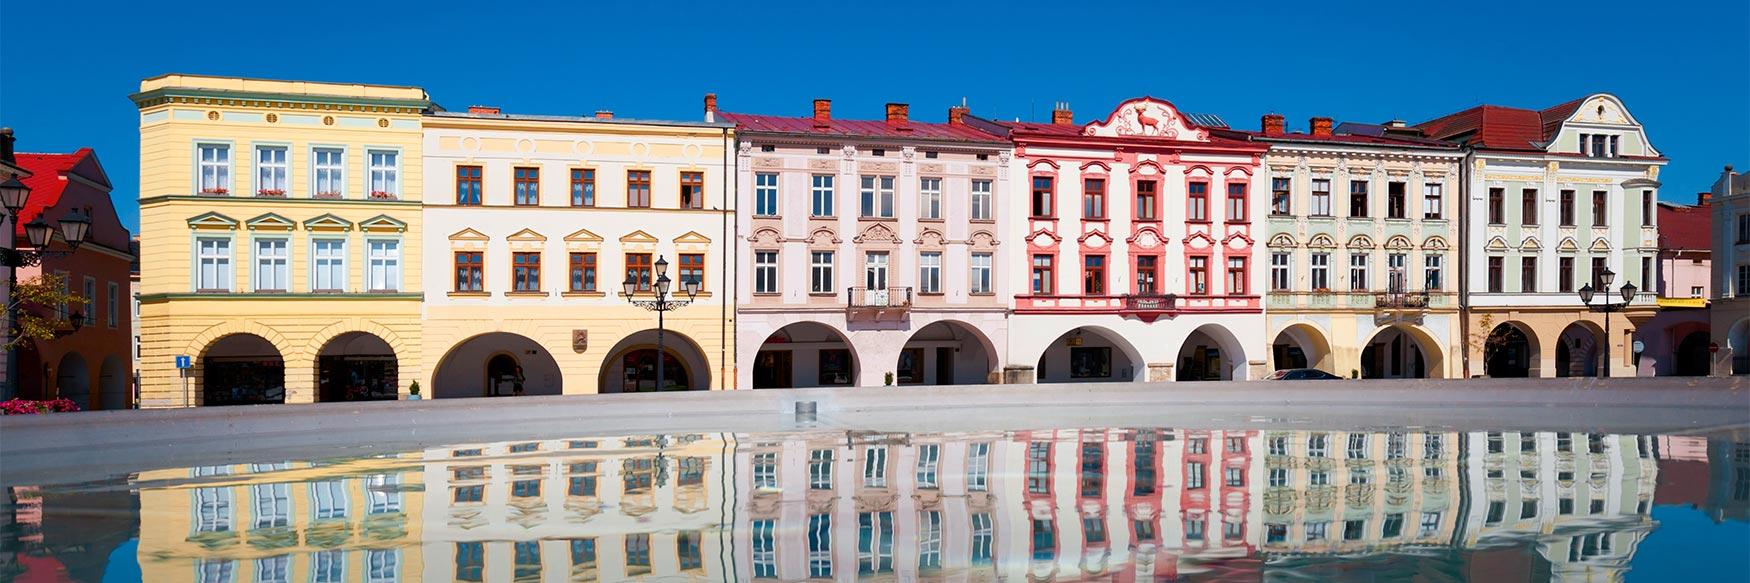 The Town of Nový Jičín, Czechia